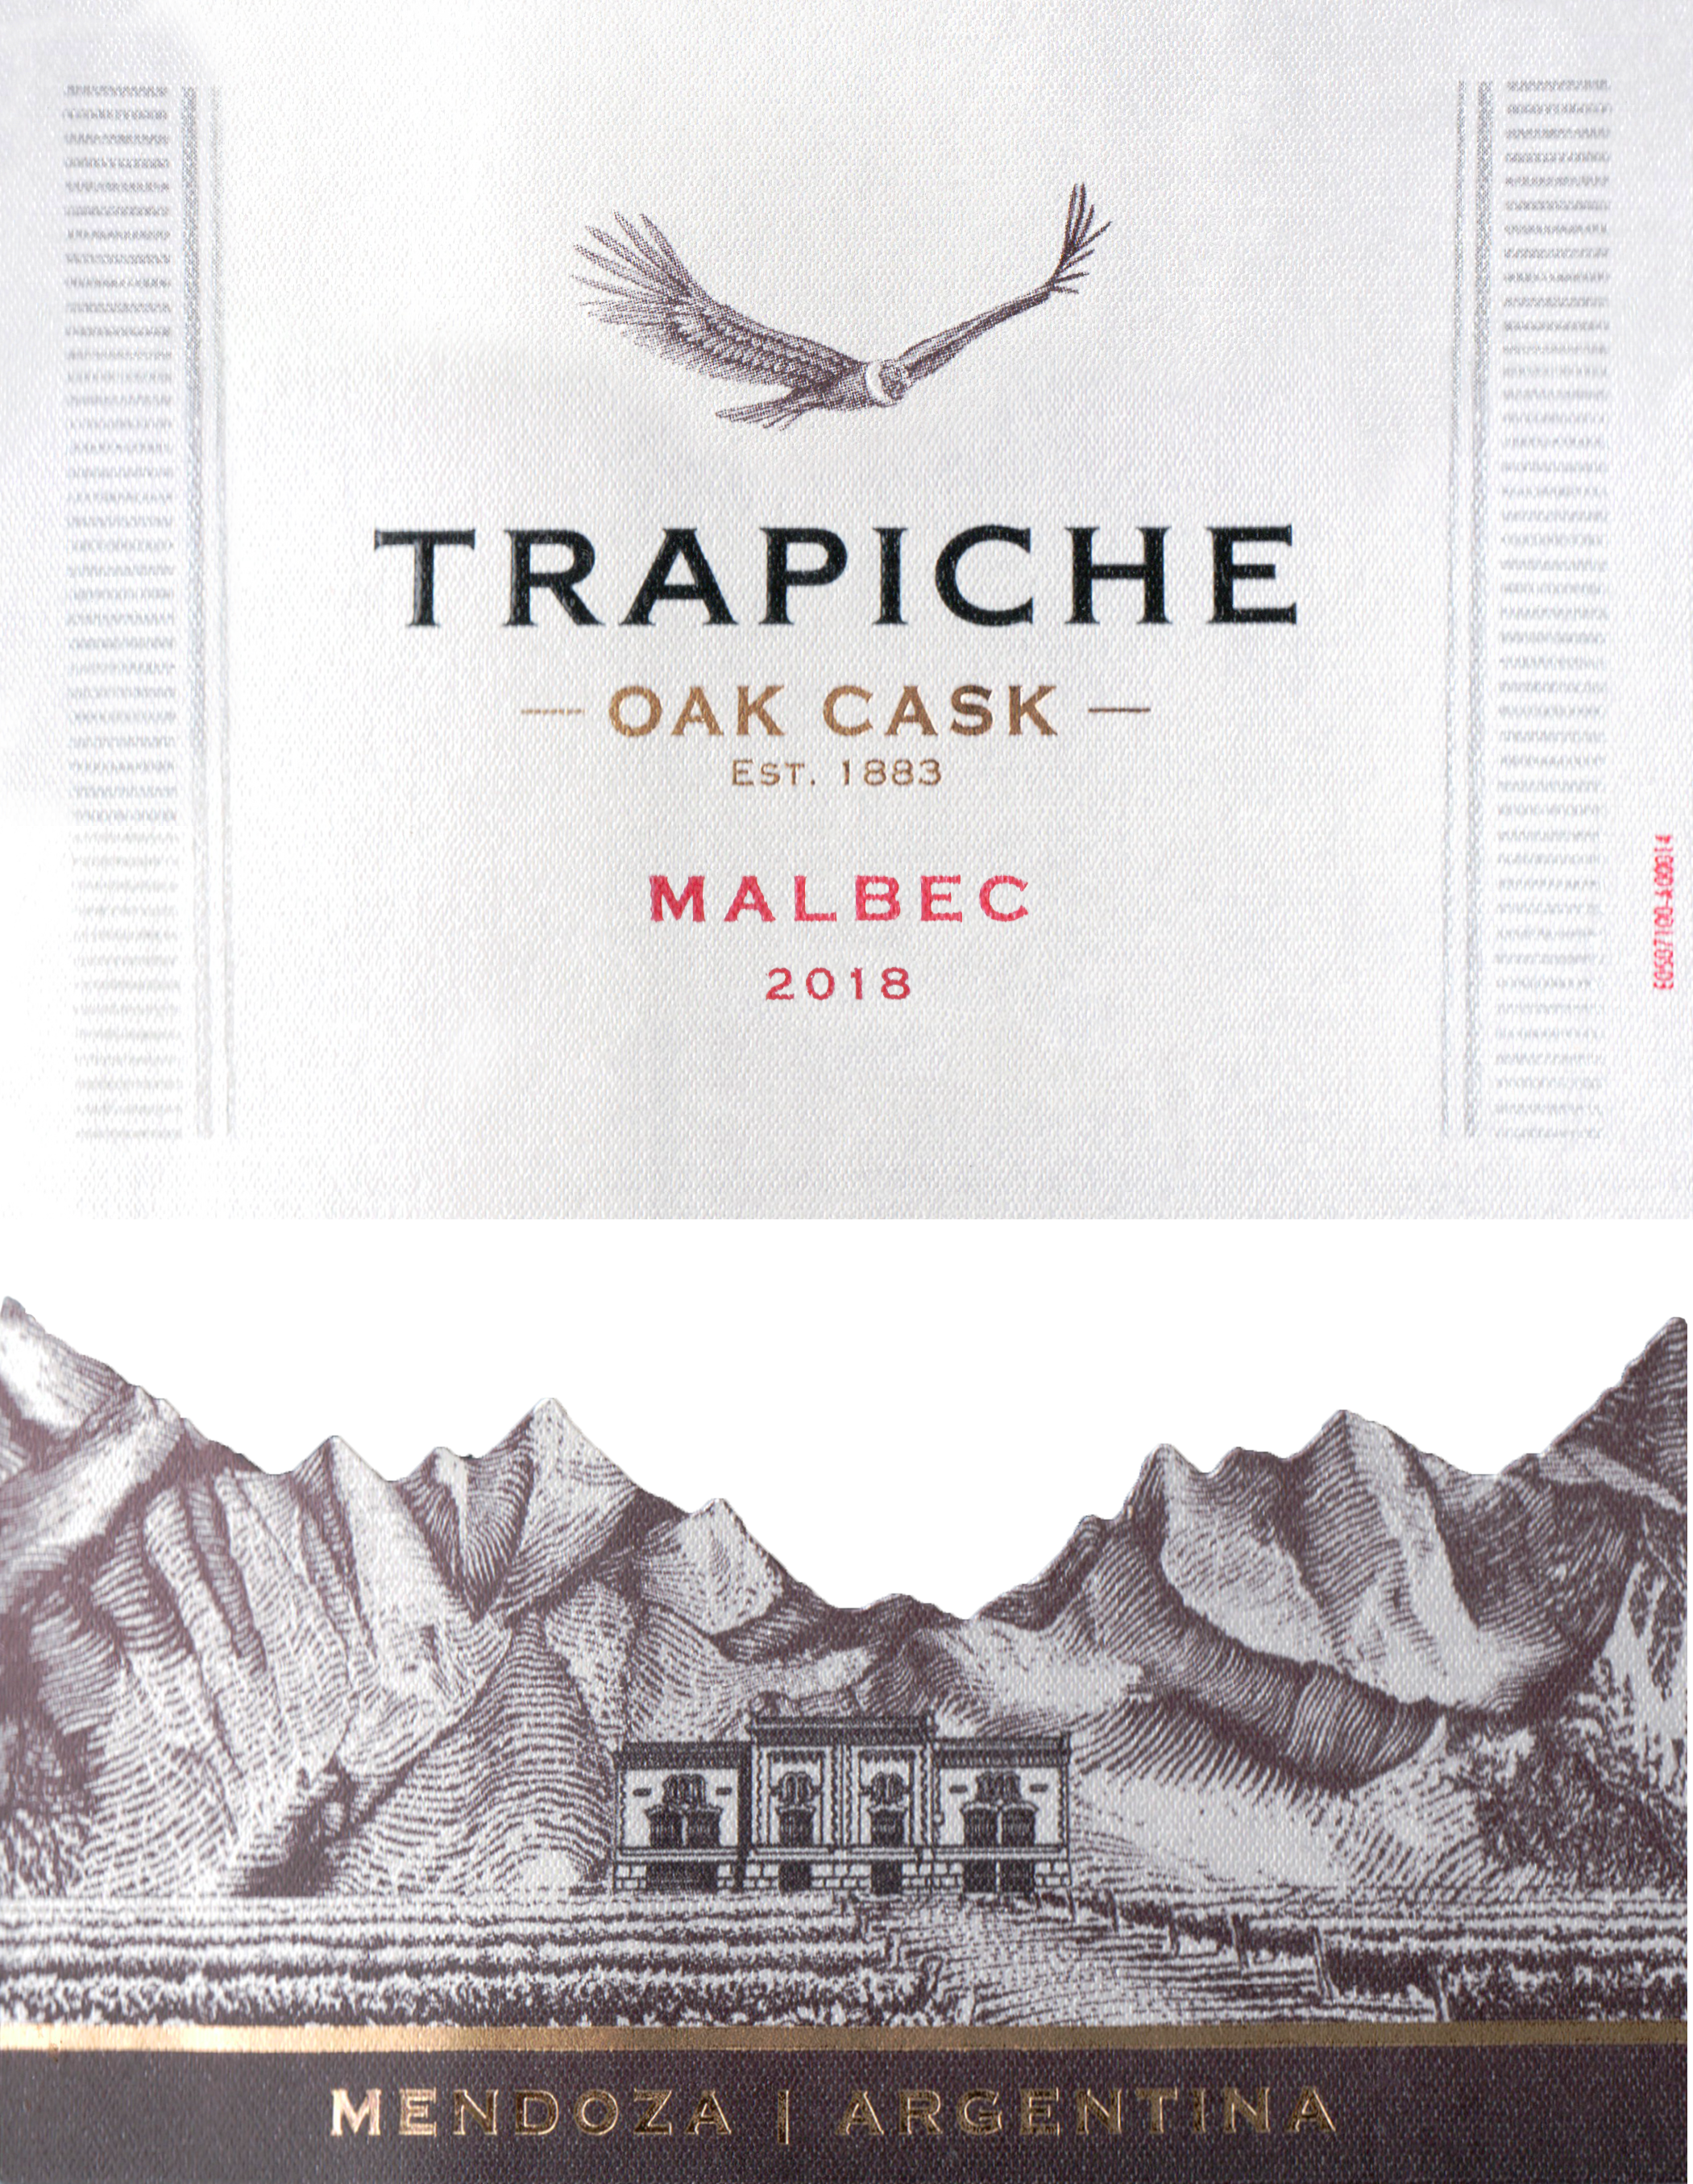 Trapiche Oak Cask Malbec 2018